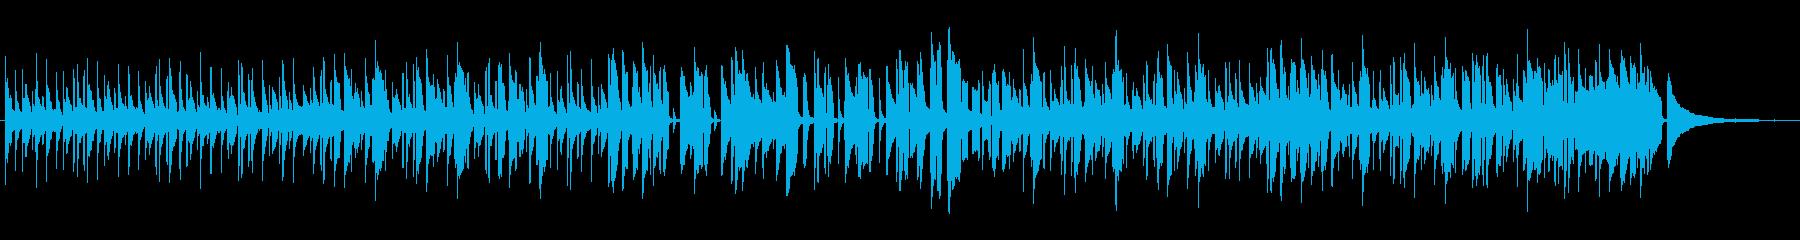 ほのぼのと散歩をするときの曲の再生済みの波形